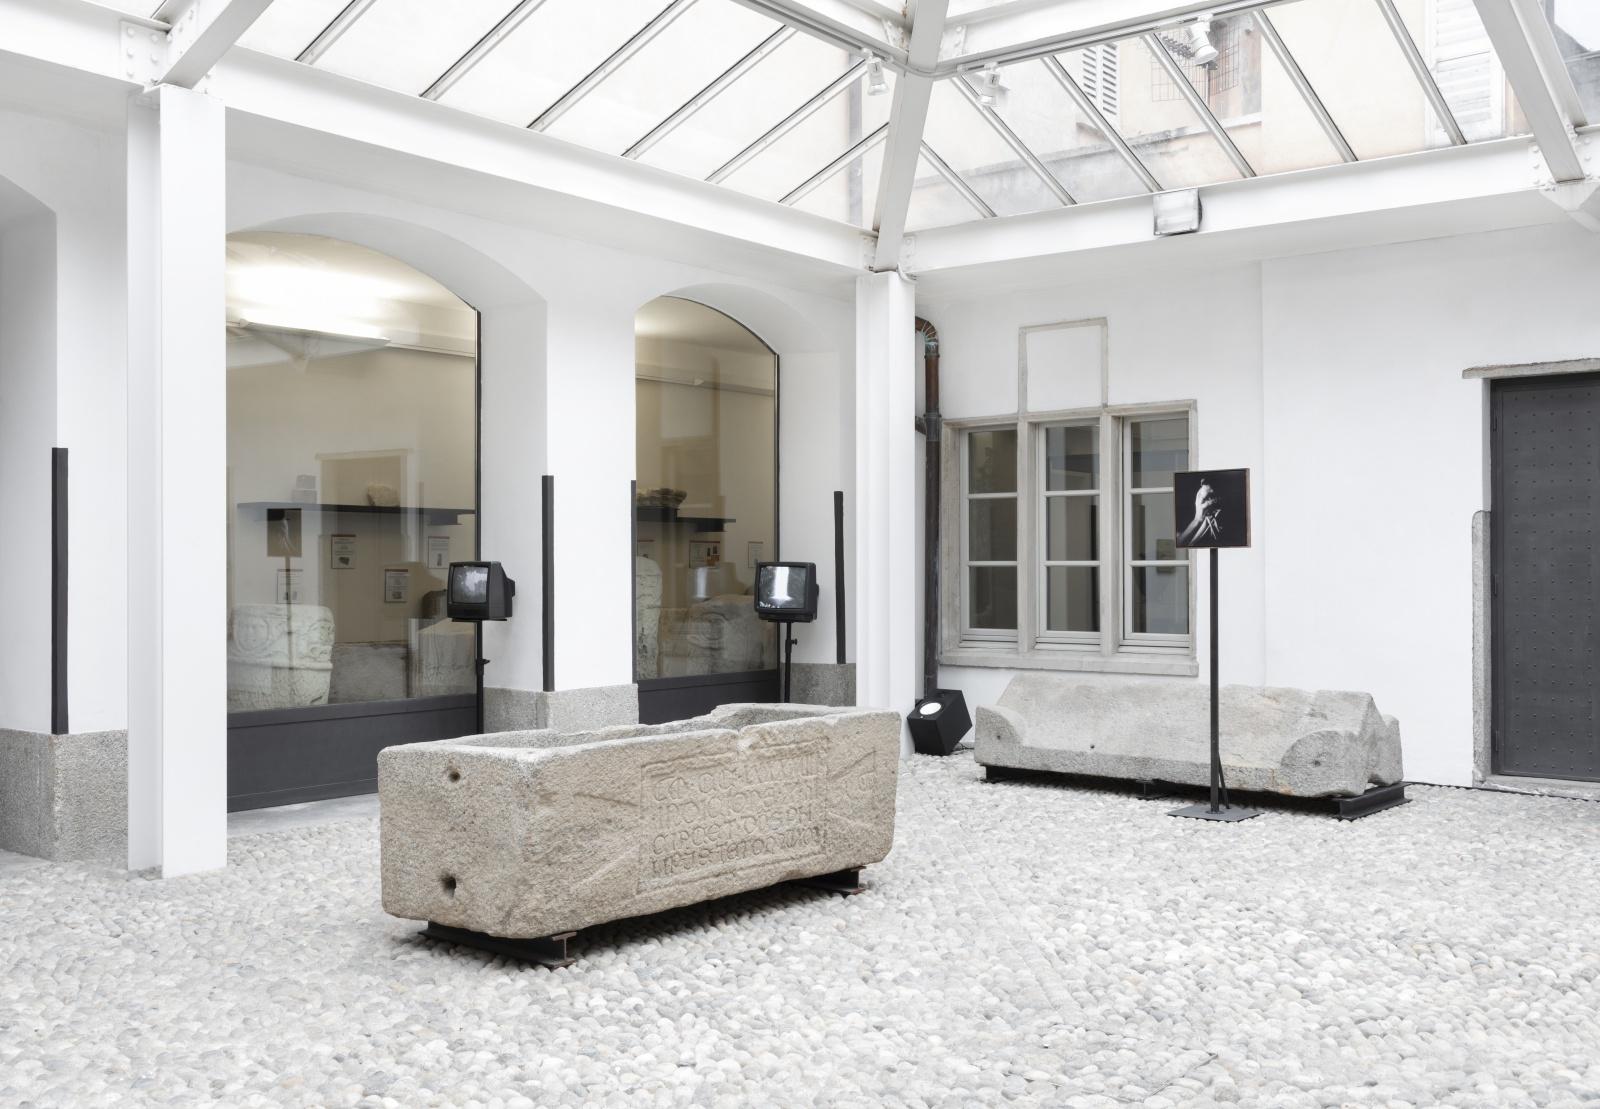 Cerchio di perpetua occultazione - Personal Exhibition at Museo Civico di Villa Mirabello, Varese - 2021